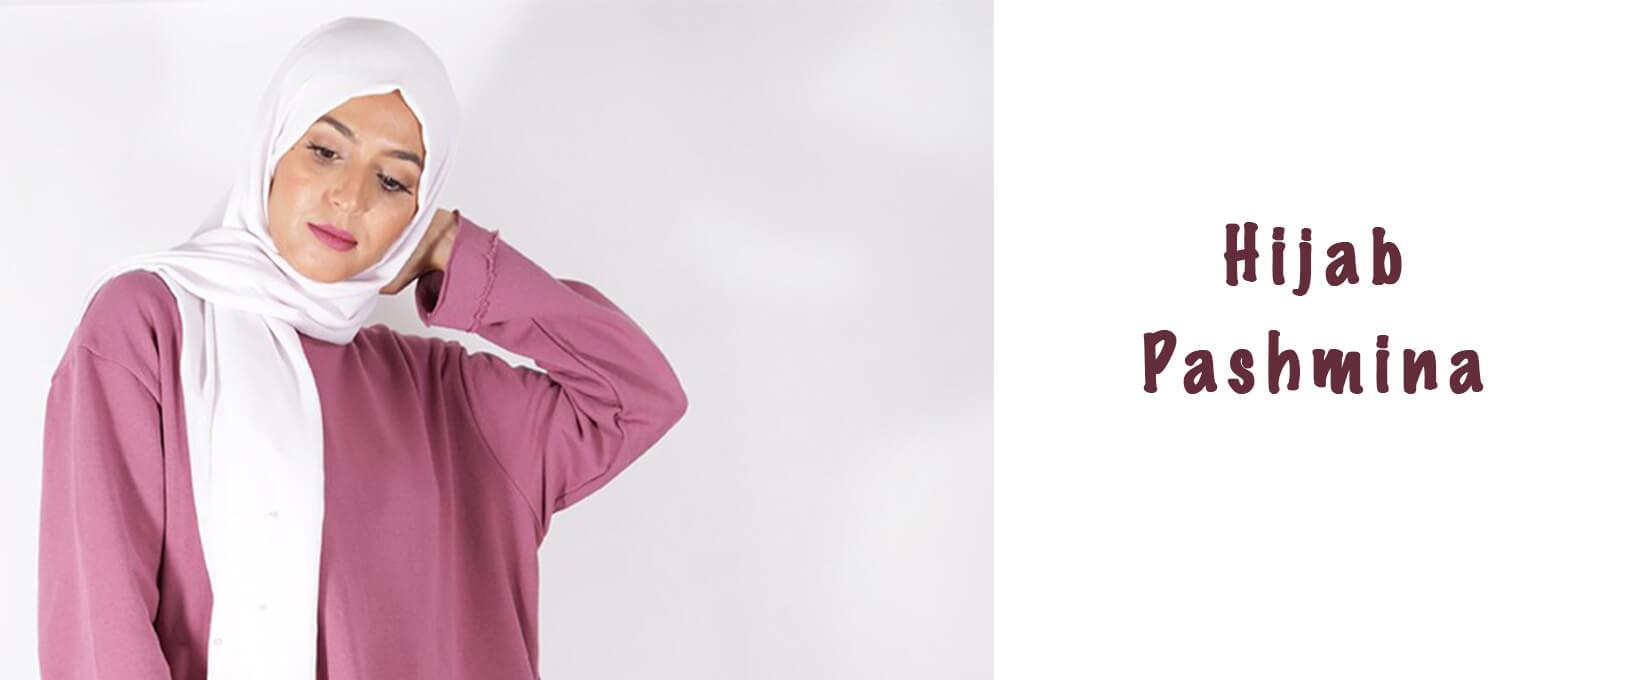 hijab-pashmina